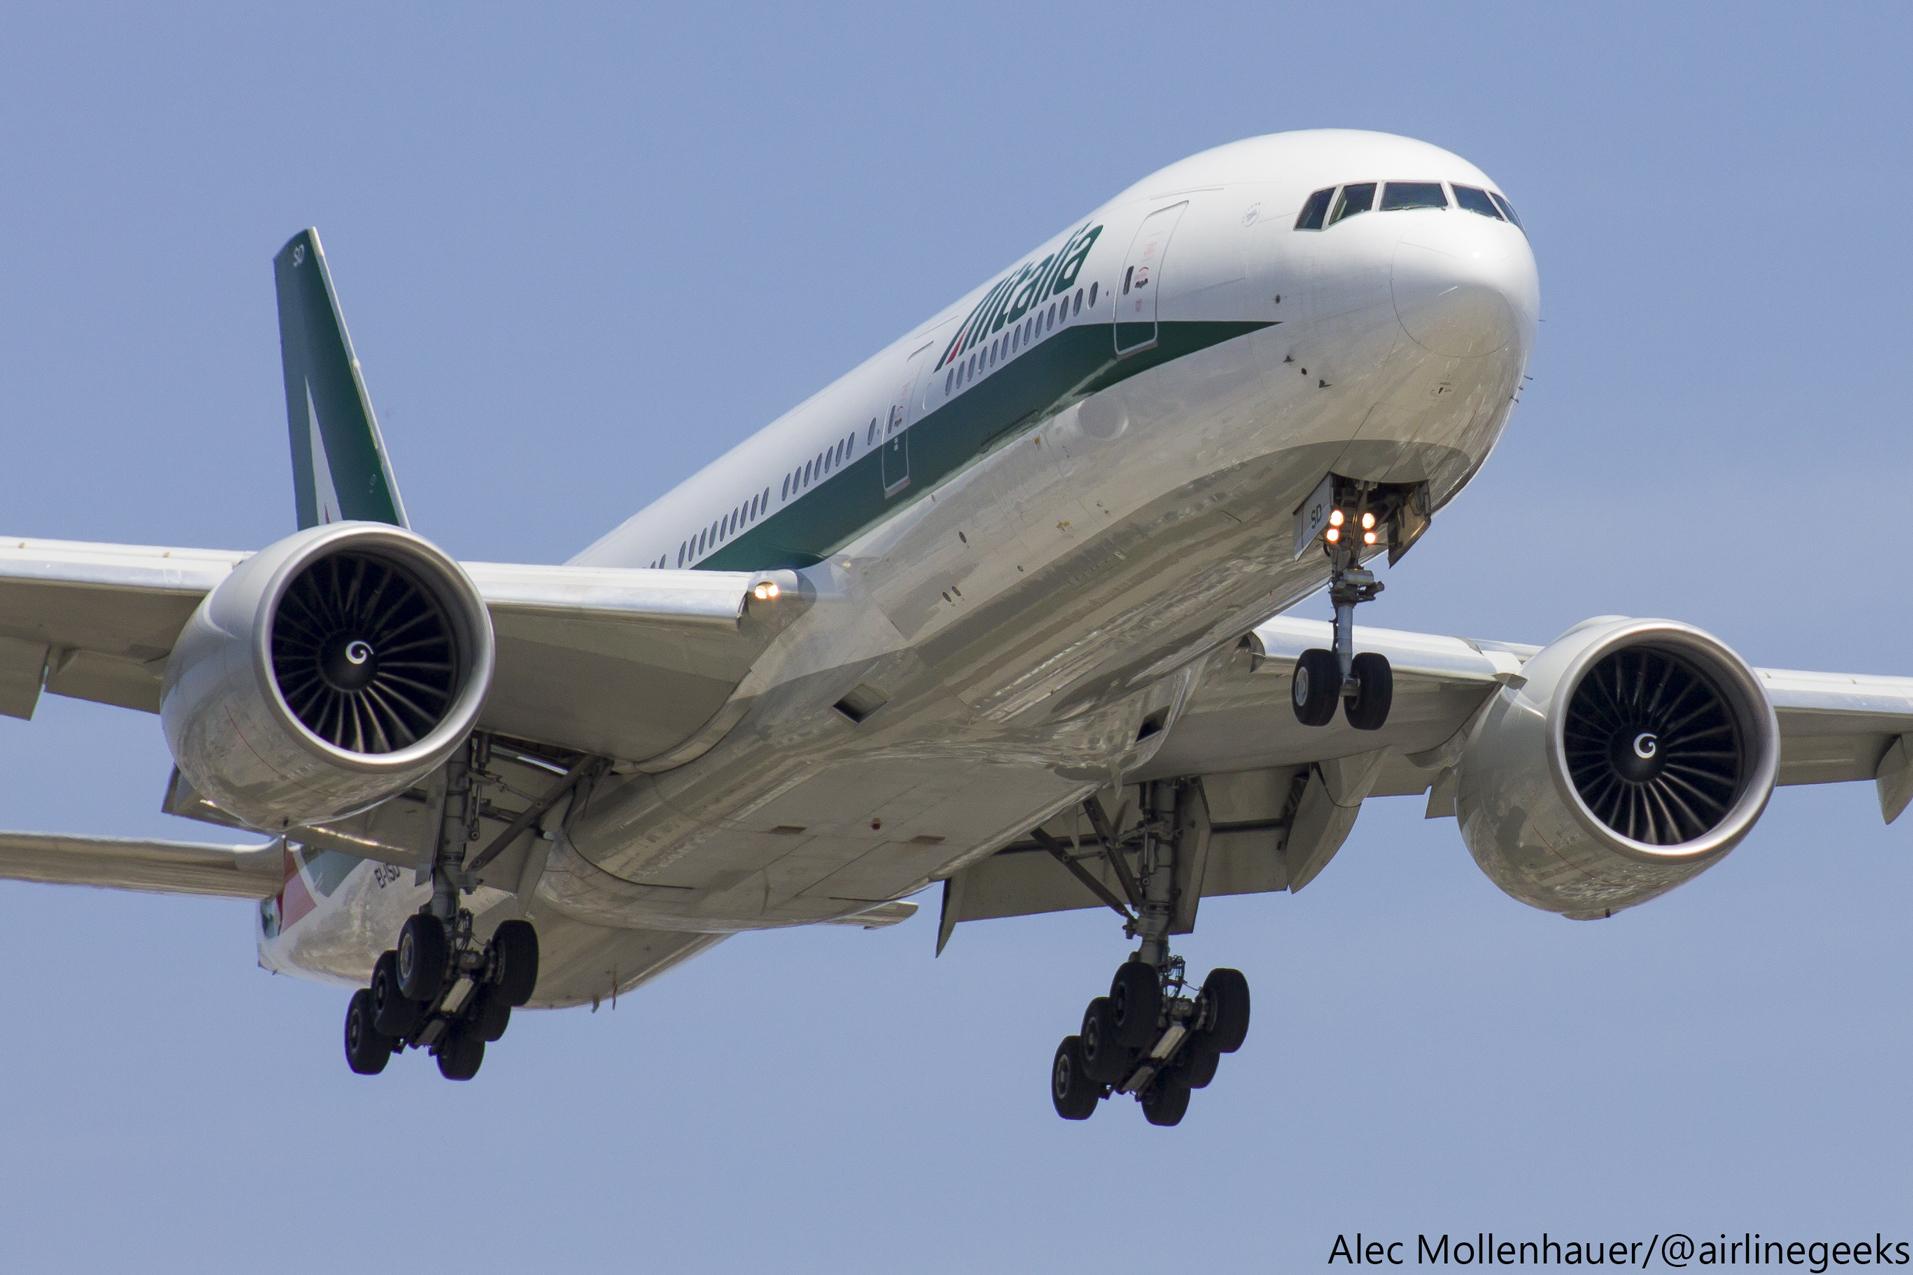 dezastru-pentru-una-dintre-cele-mai-cunoscute-companii-aeriene-este-